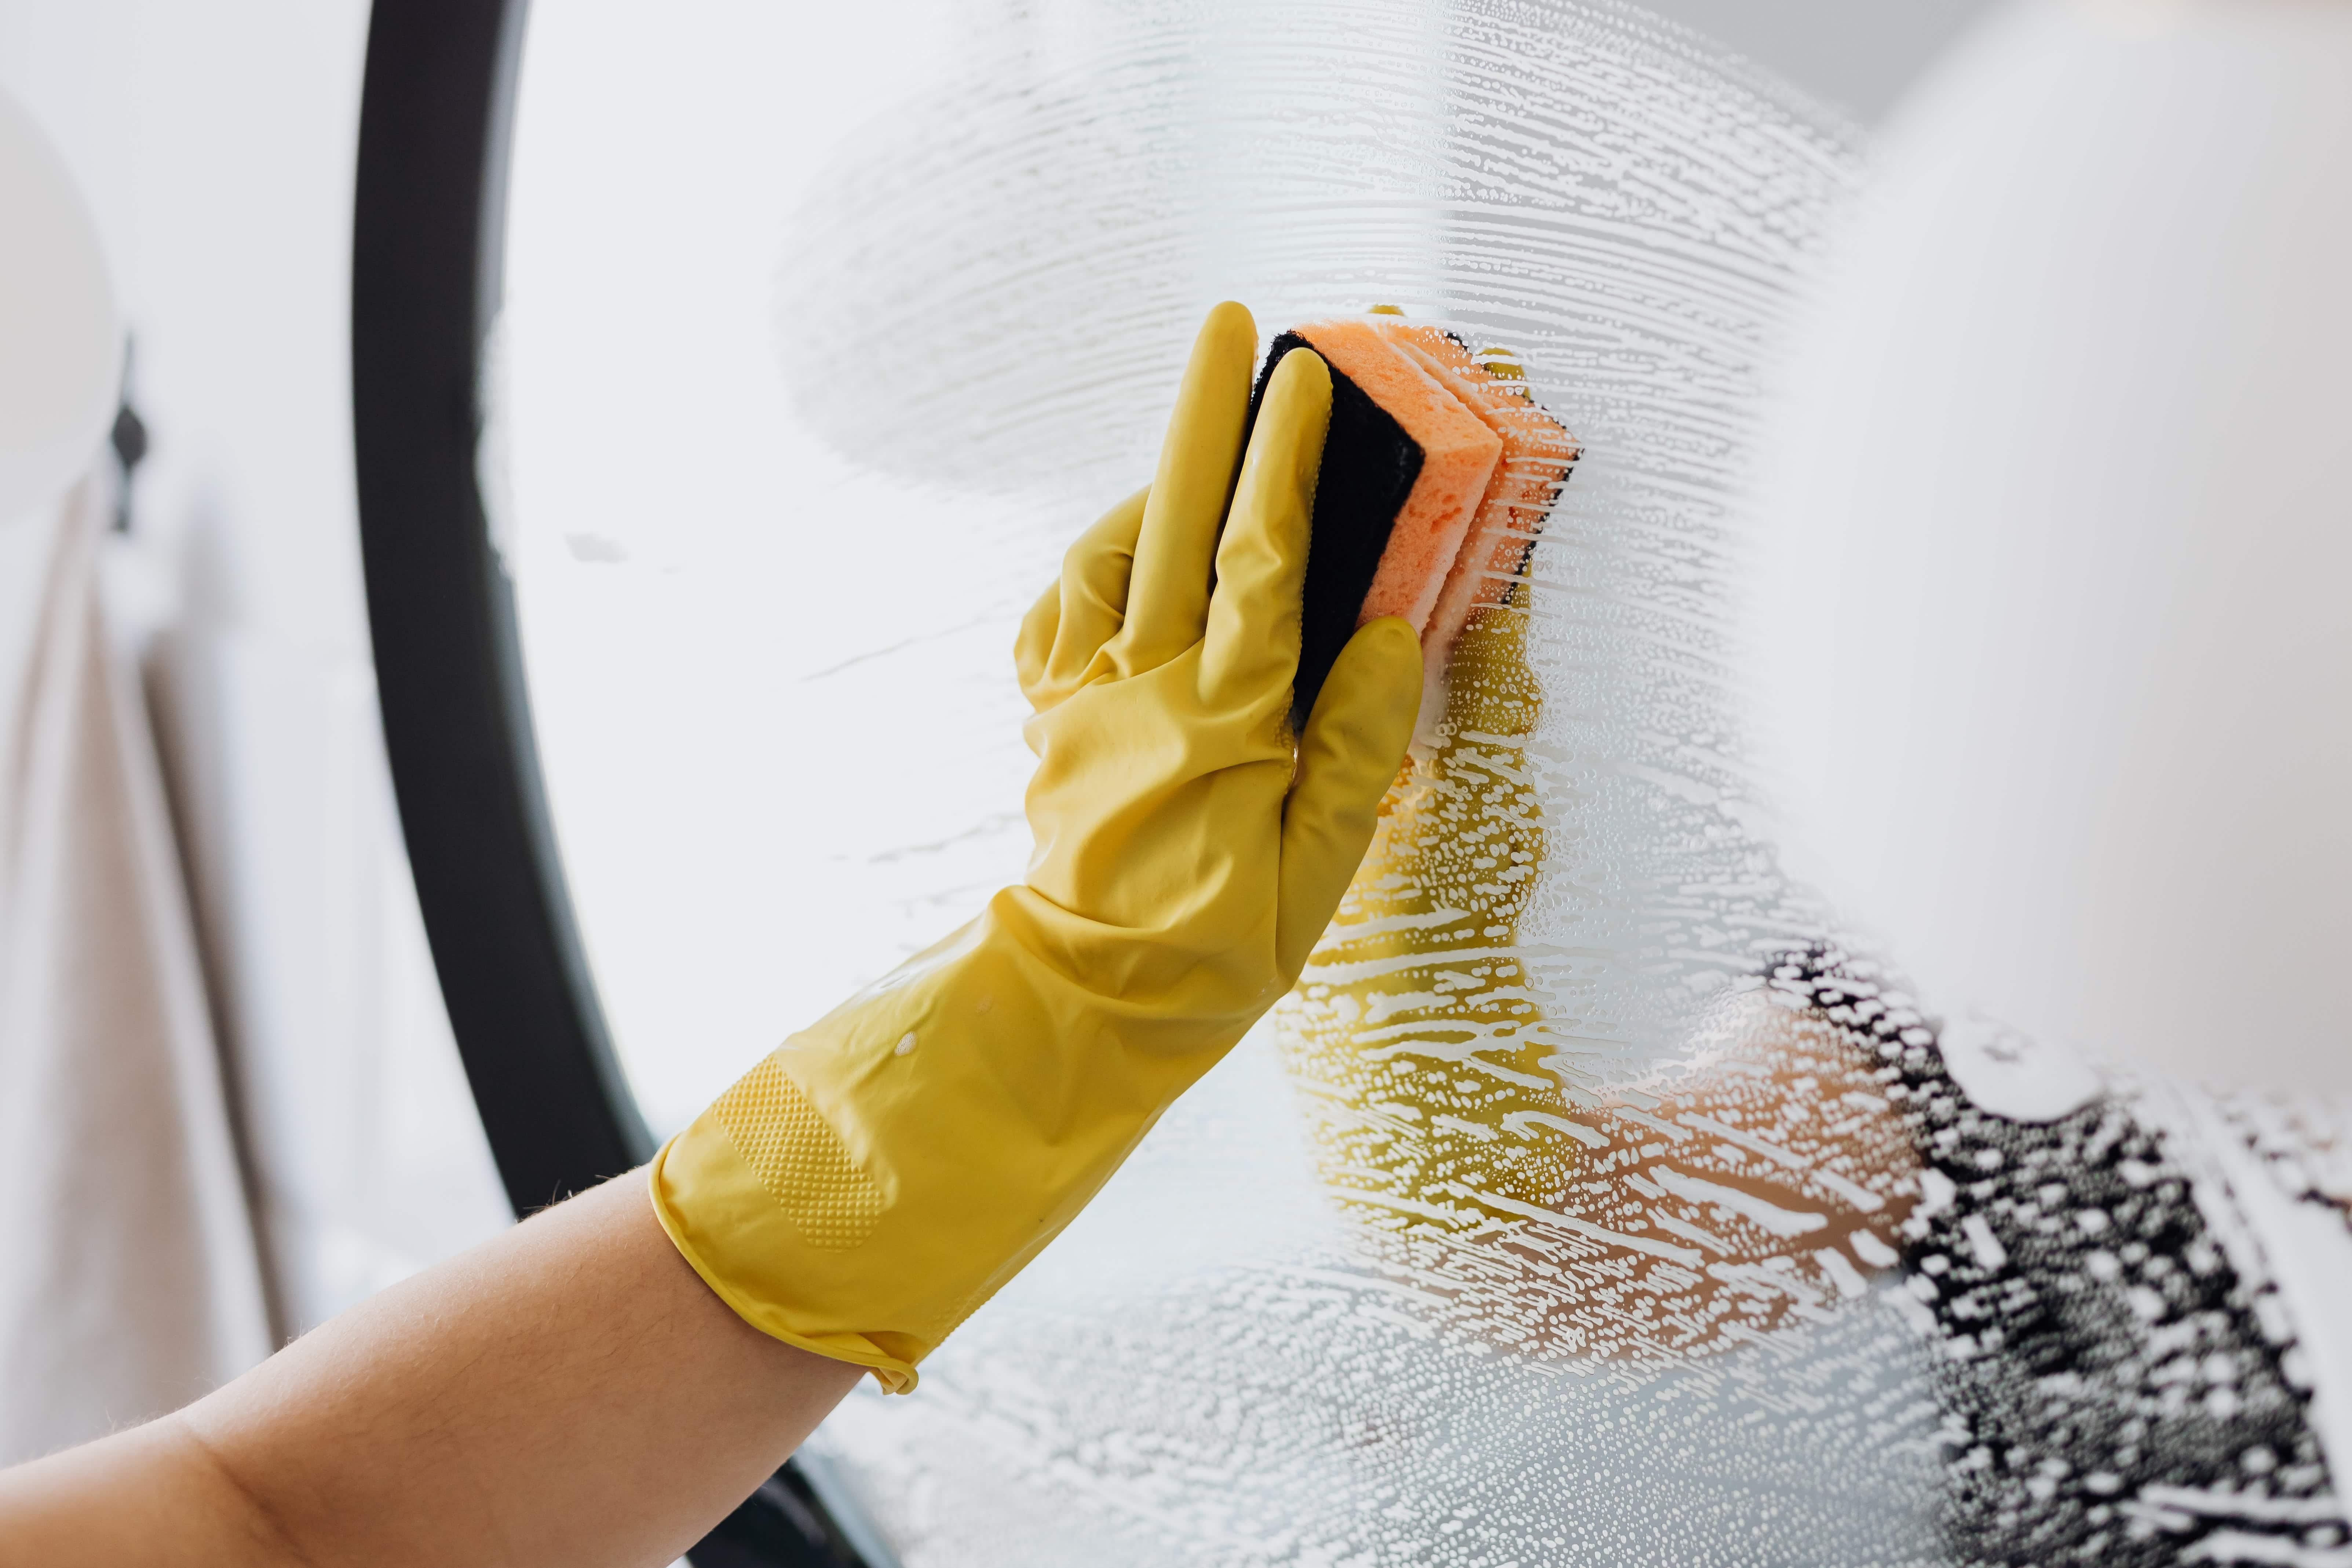 Baderomsspeil blir vasket